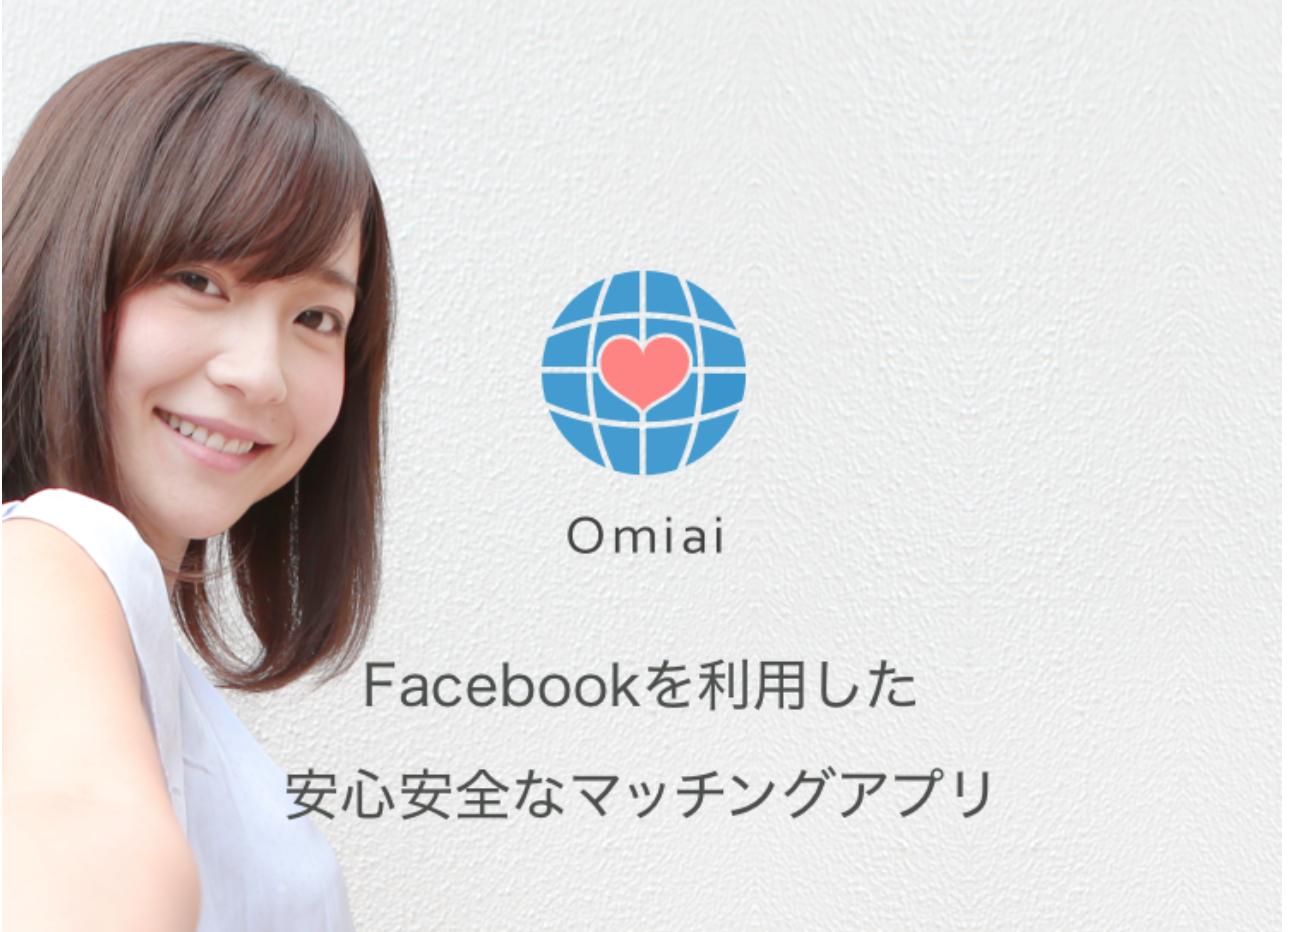 Omiai(おみあい)とは?マッチングアプリで理想の相手と出会う使い方